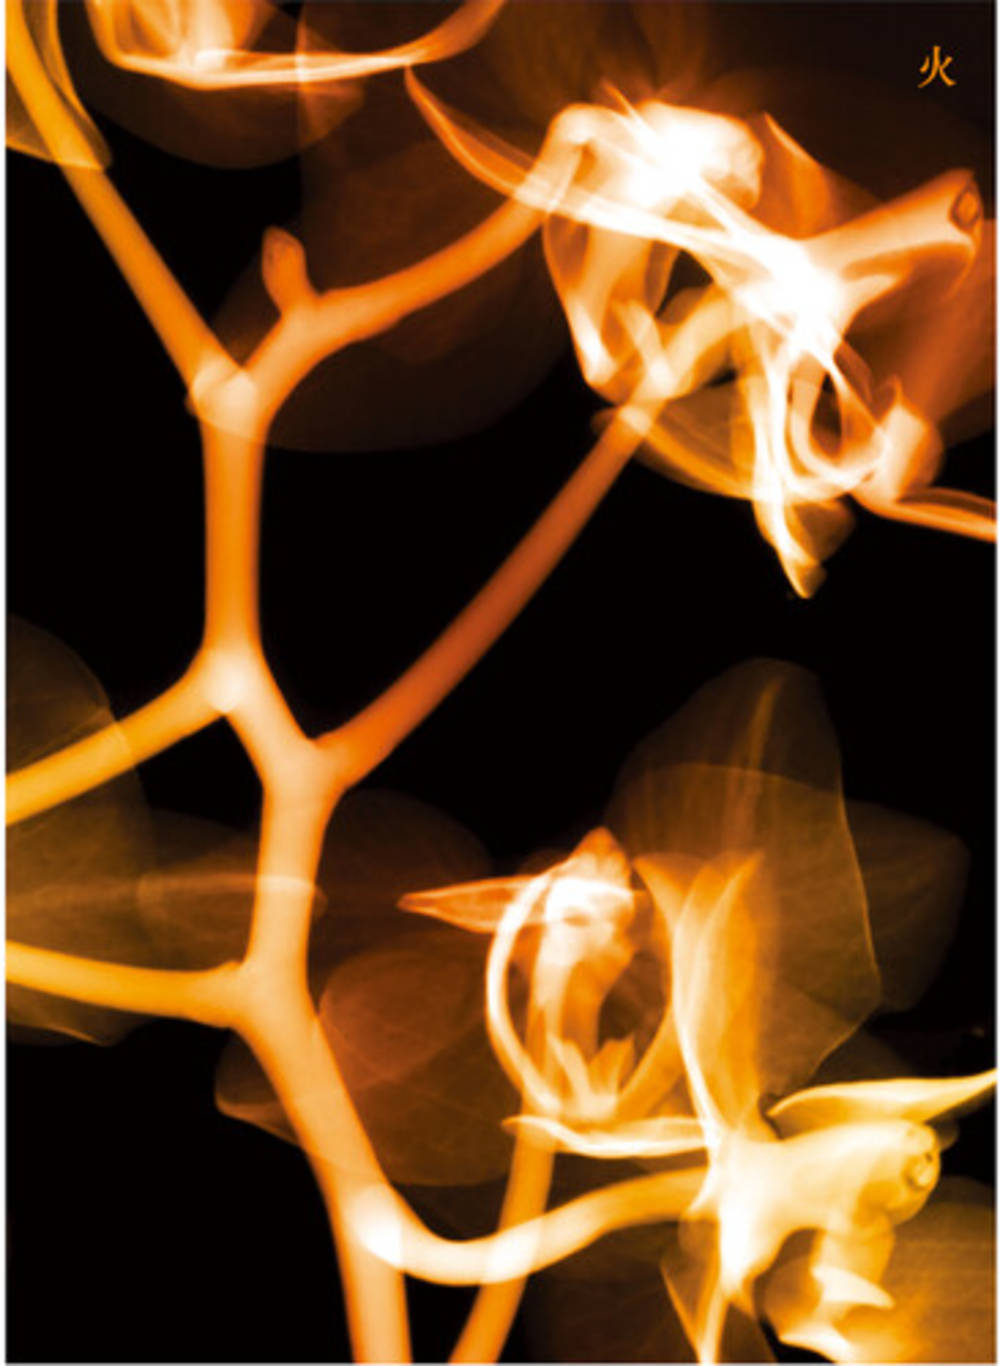 (G)I-DLE - I Burn (Fire Version)